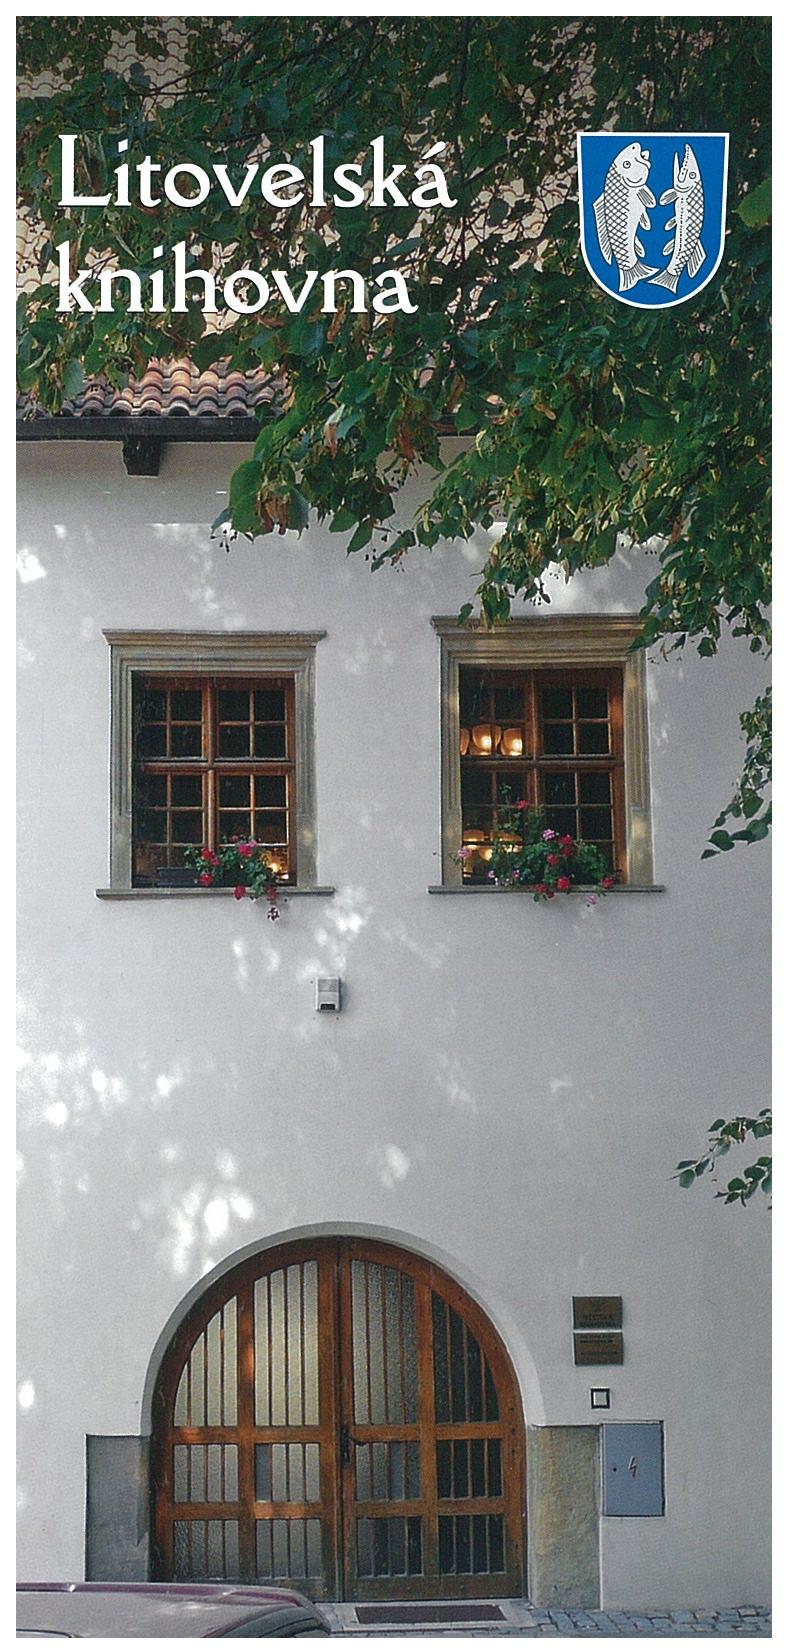 Litovelská knihovna, obrázek se otevře v novém okně